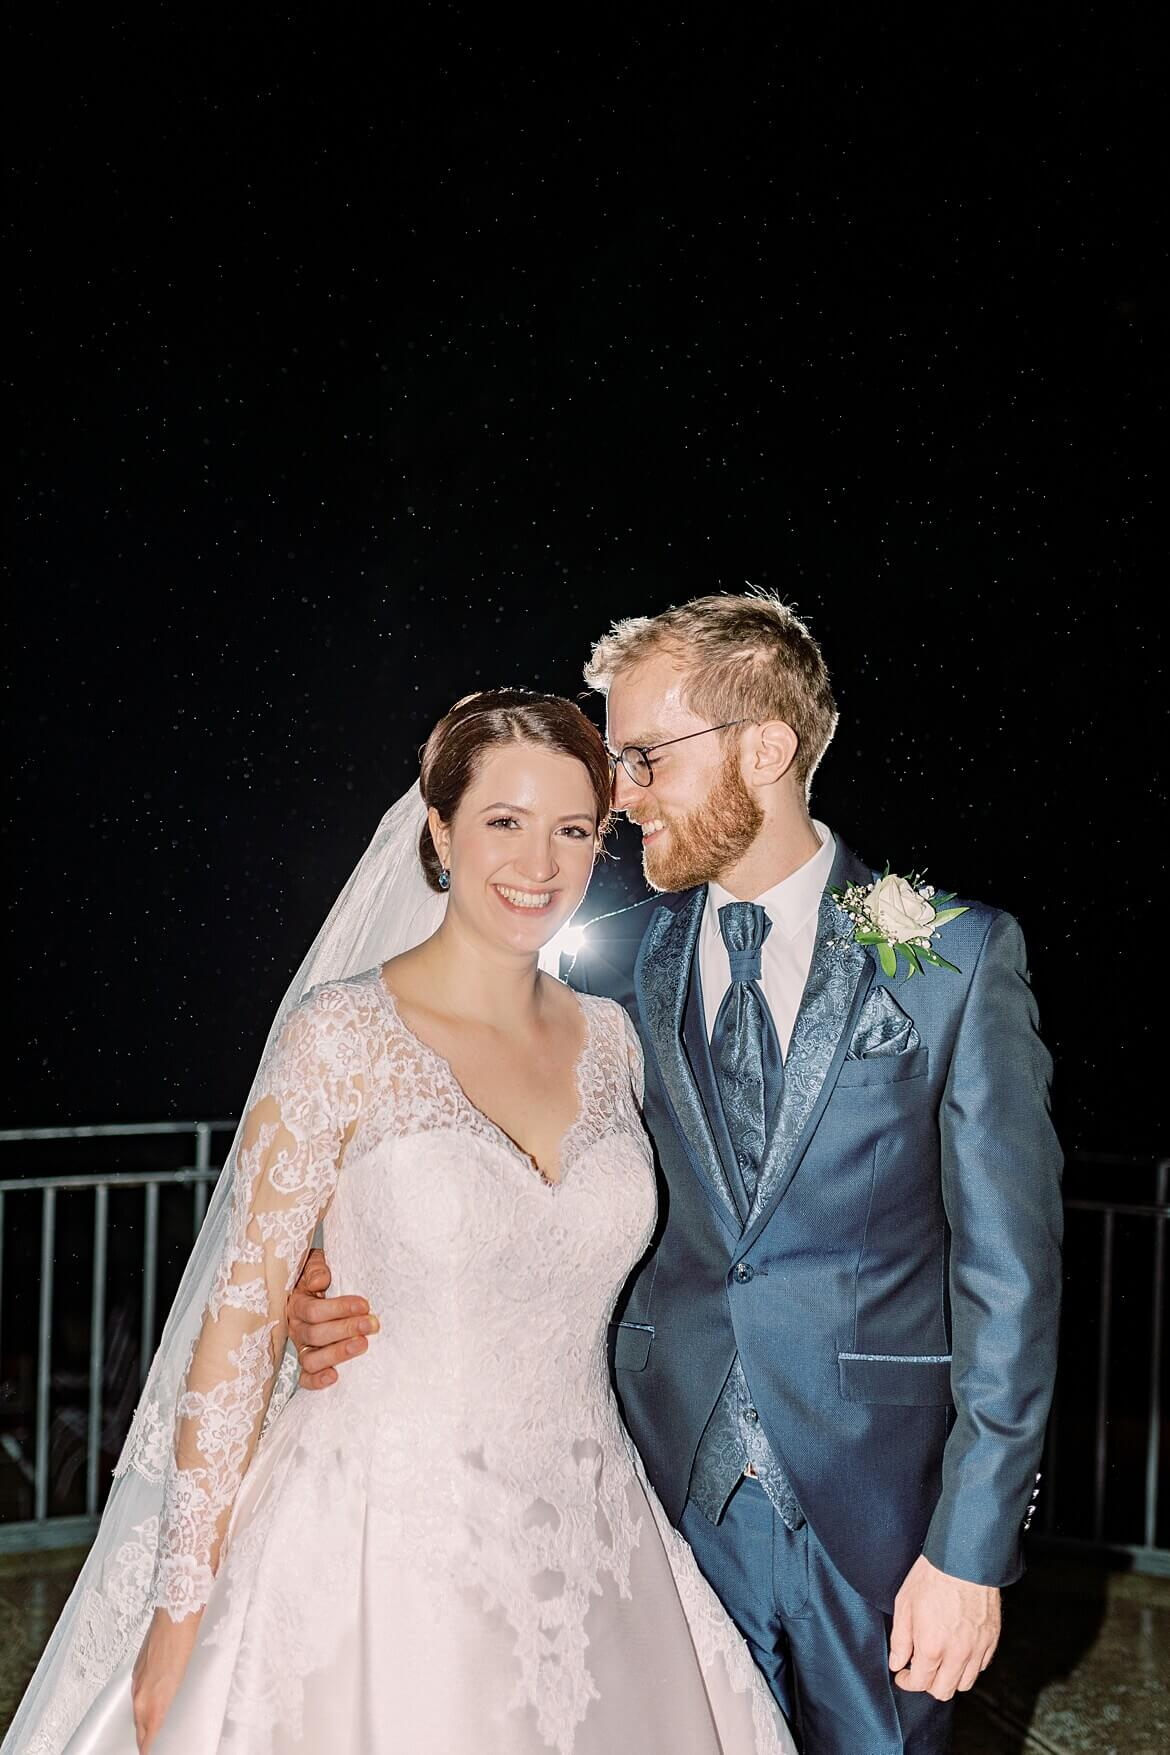 Brautpaar nachts im Regen